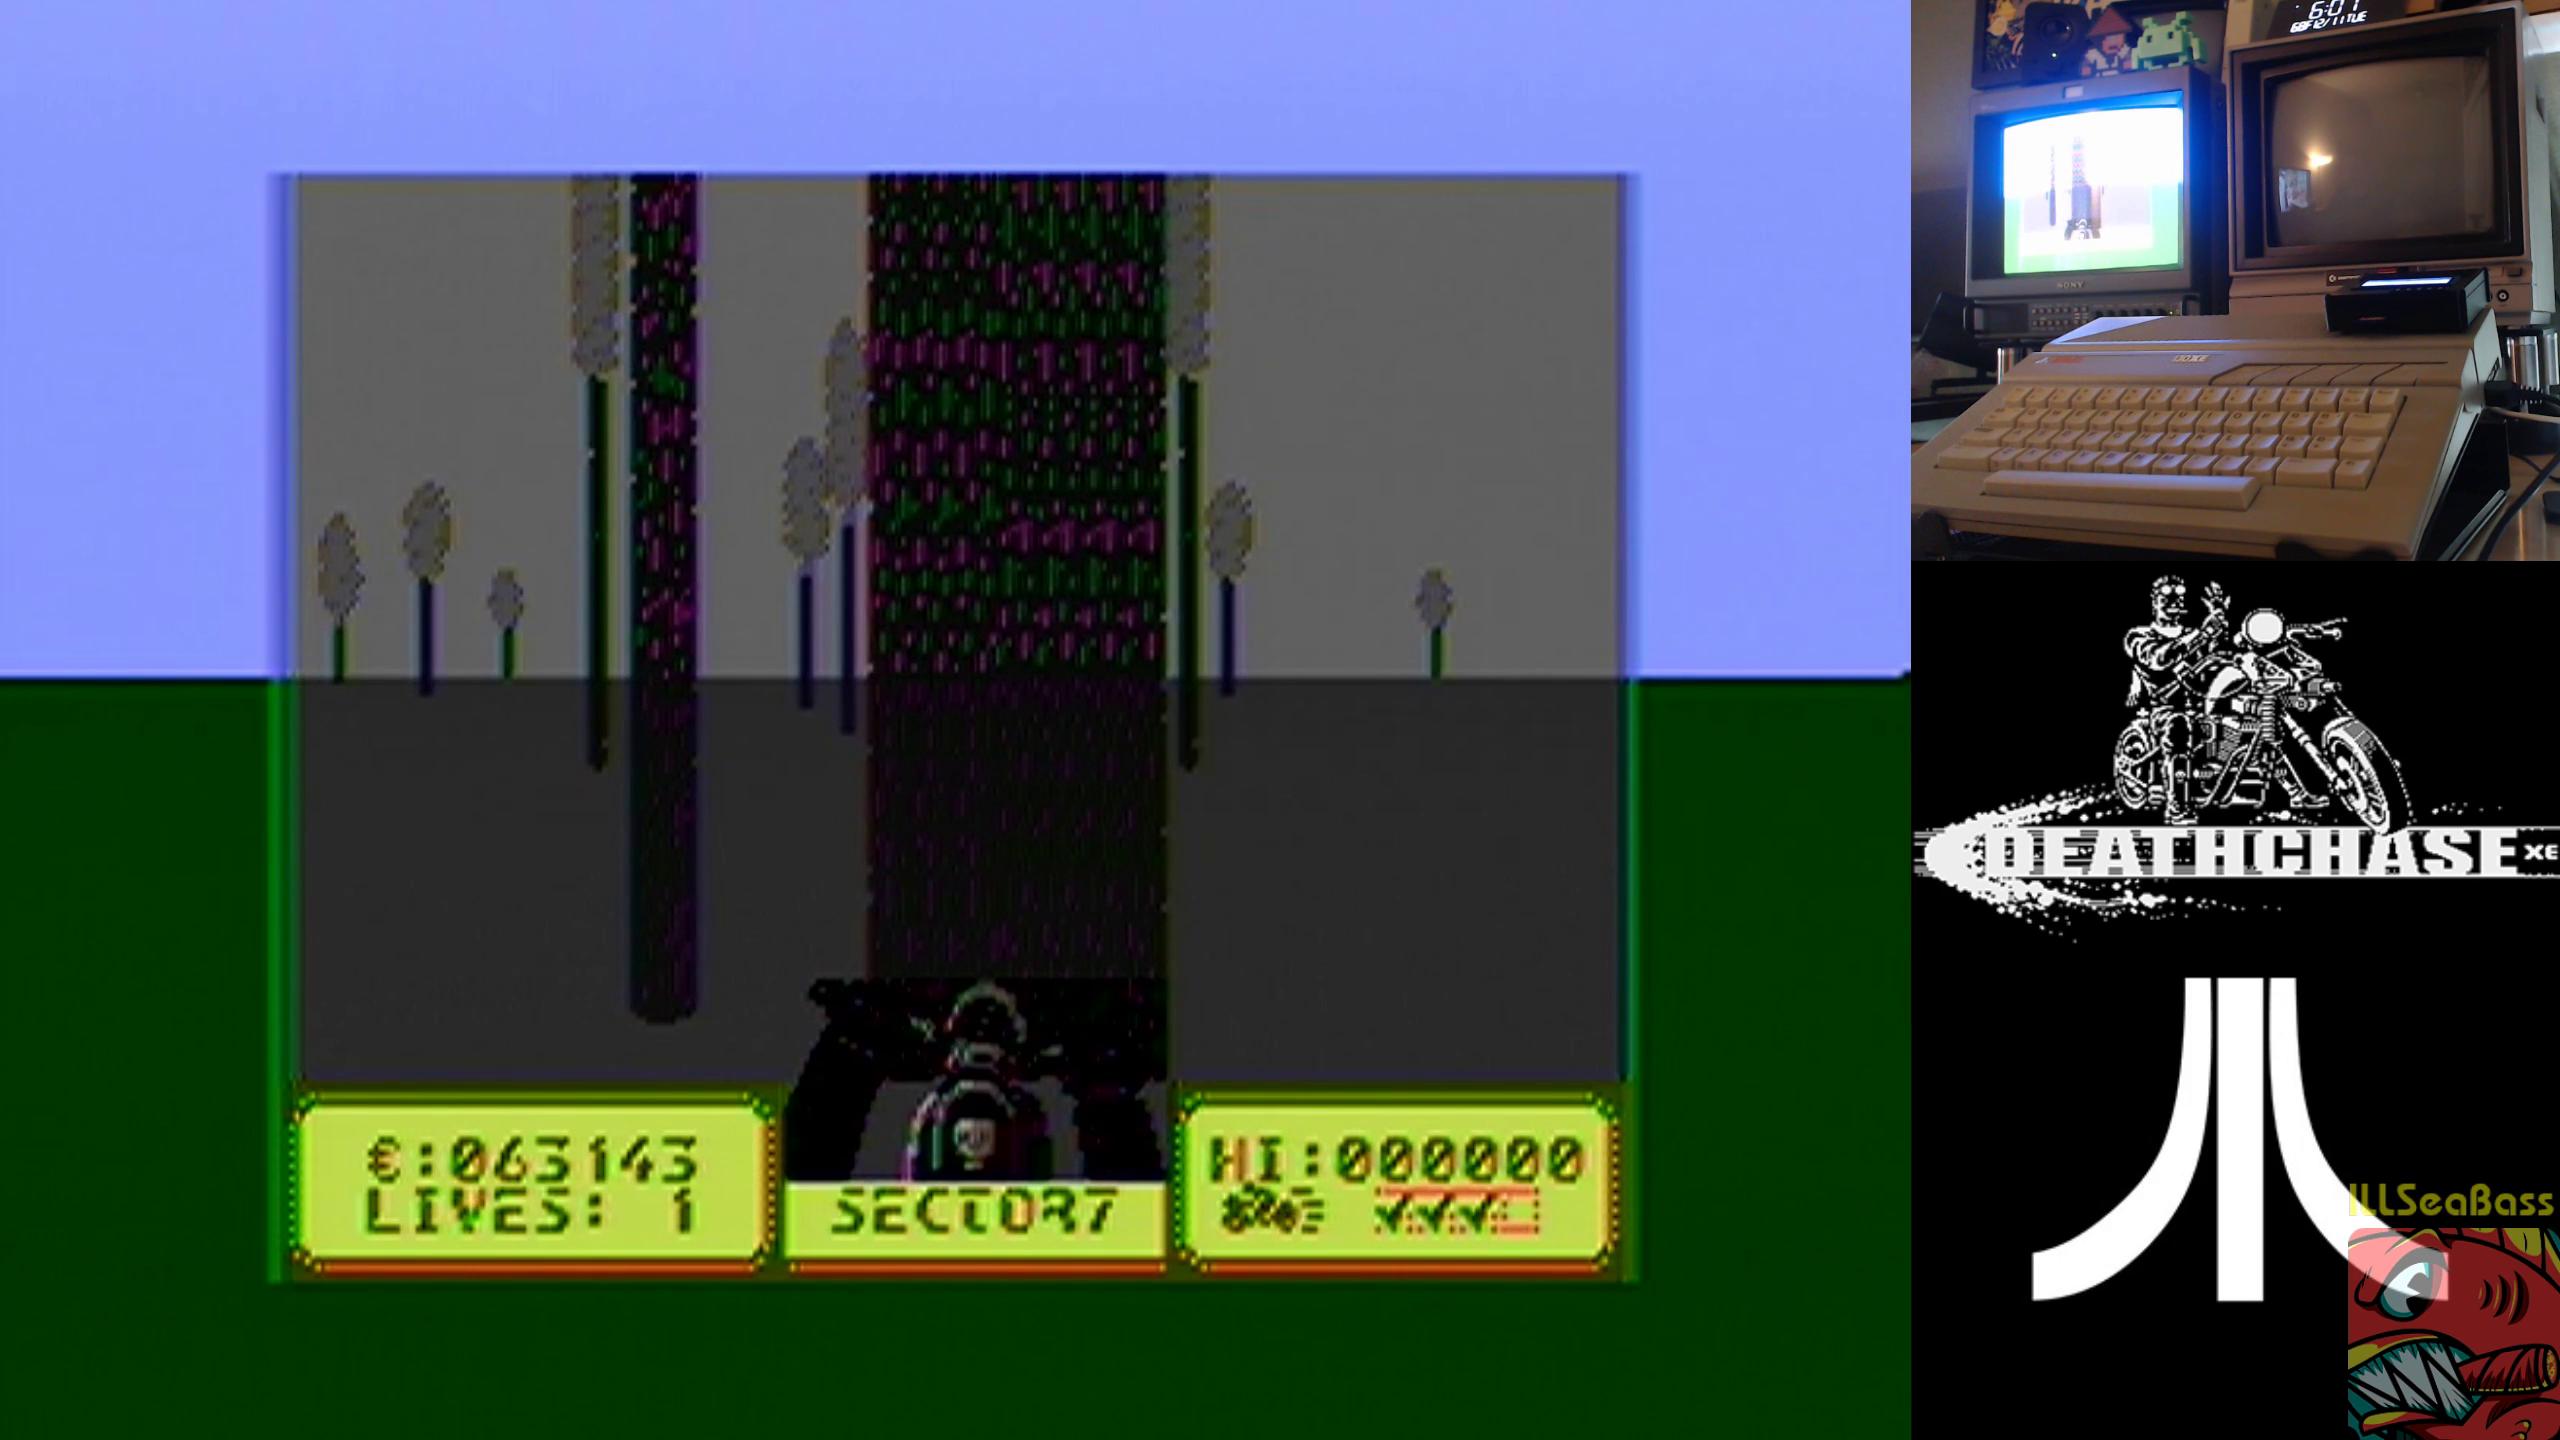 ILLSeaBass: Deathchase XE (Atari 400/800/XL/XE) 63,143 points on 2018-12-11 19:57:16